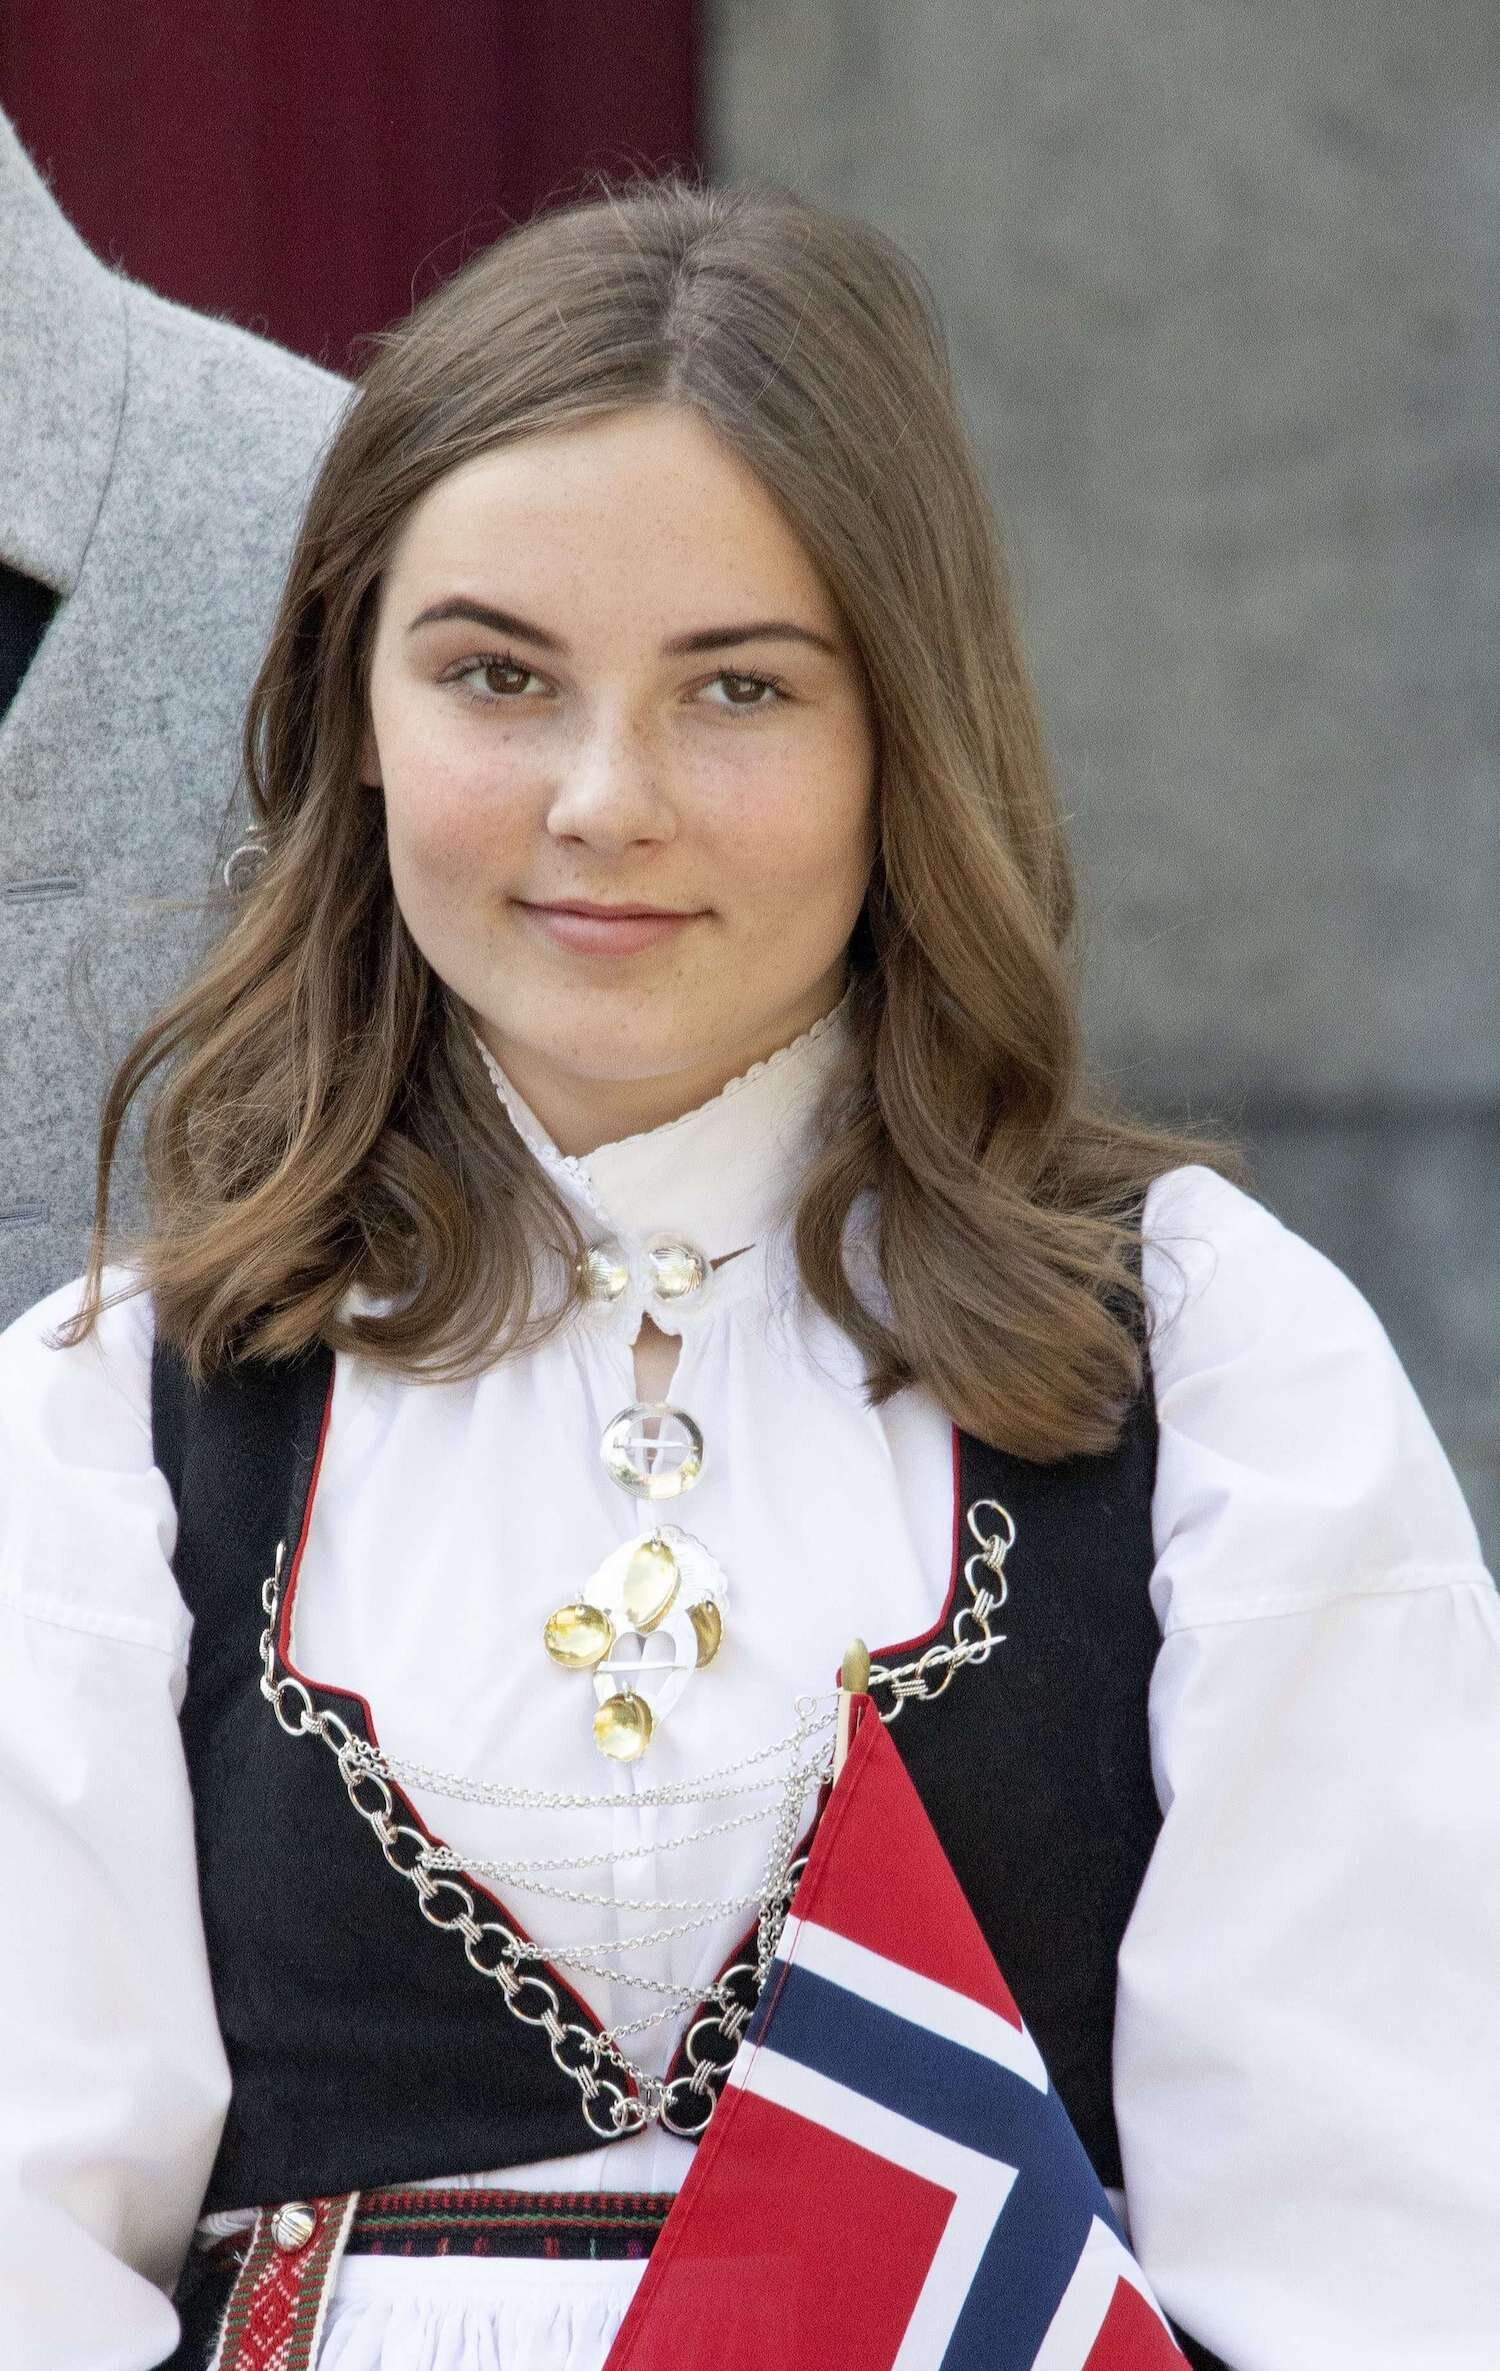 Prinzessin Ingrid Alexandra ist schüchtern, doch langsam muss sie sich an die zunehmende Aufmerksamkeit gewöhnen.  © picture alliance/RoyalPress Europe